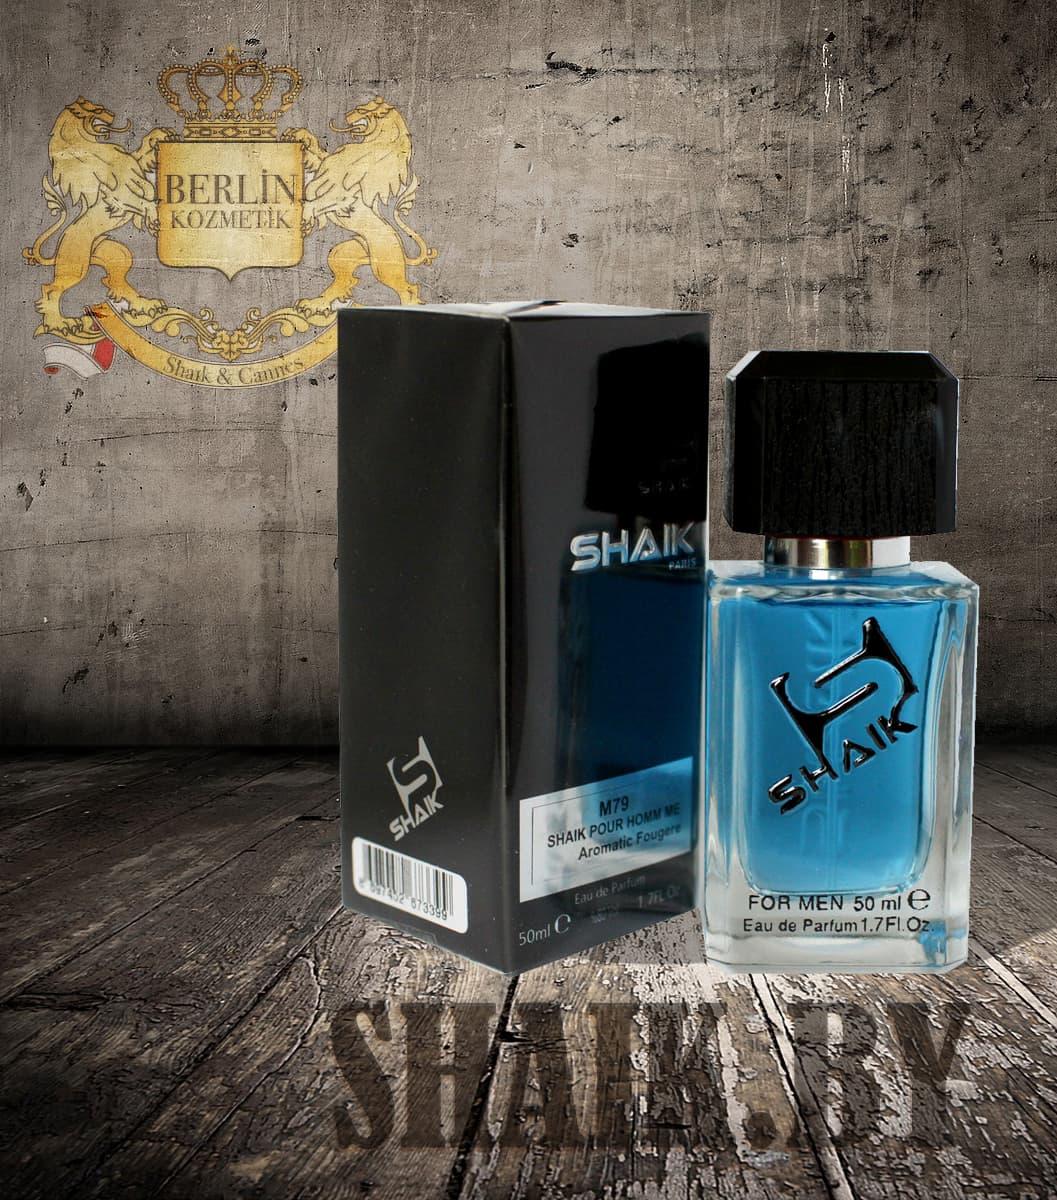 мужская парфюмерия шейк